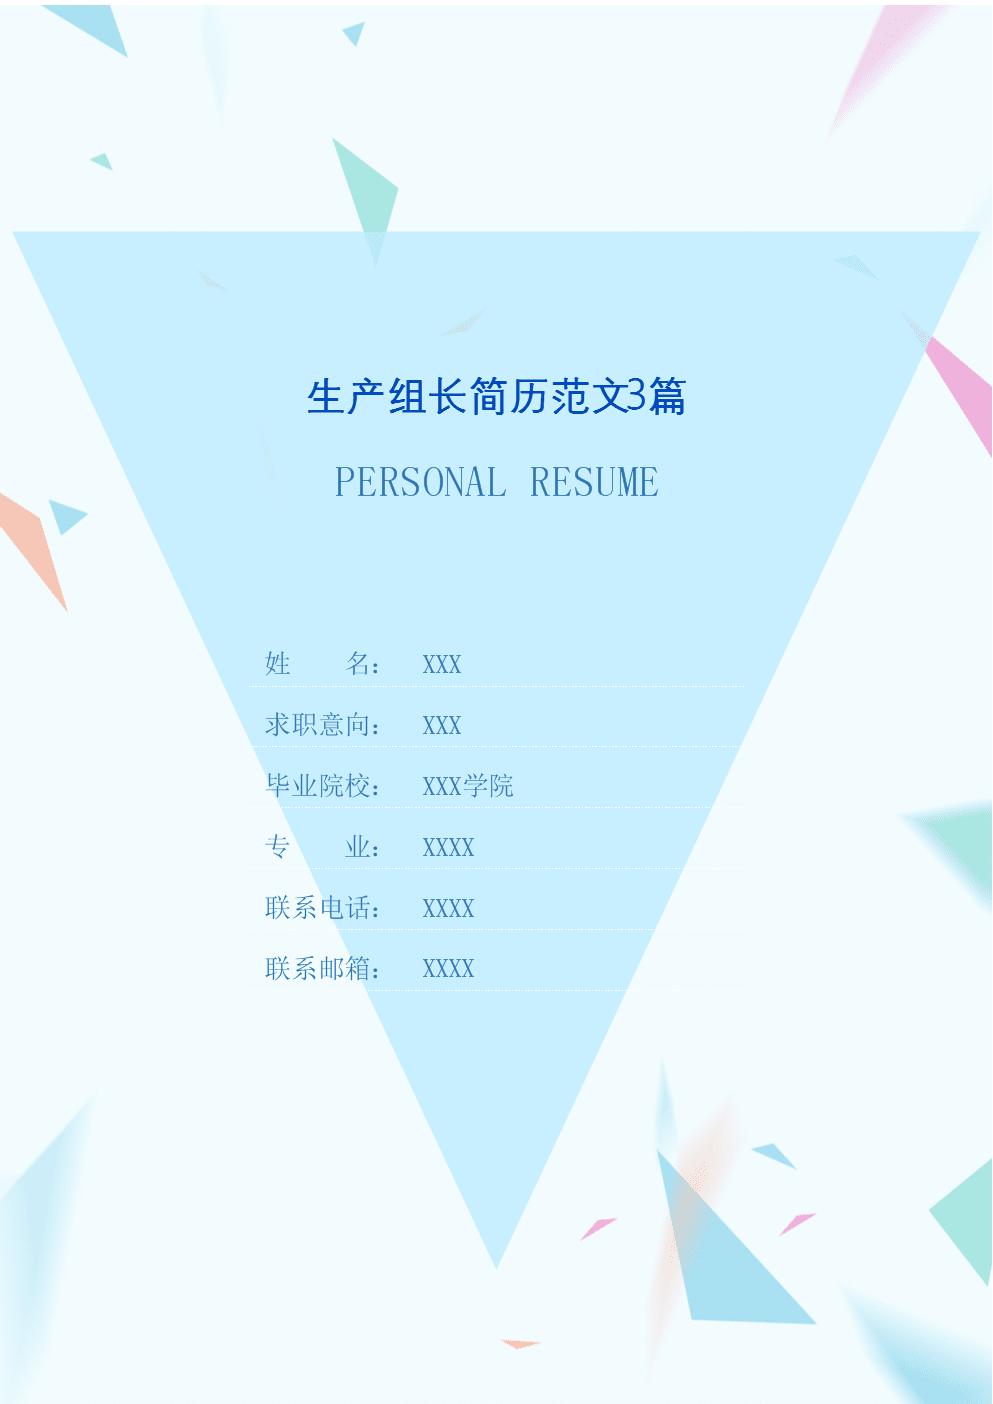 生产组长简历范文3篇[Word稿].doc